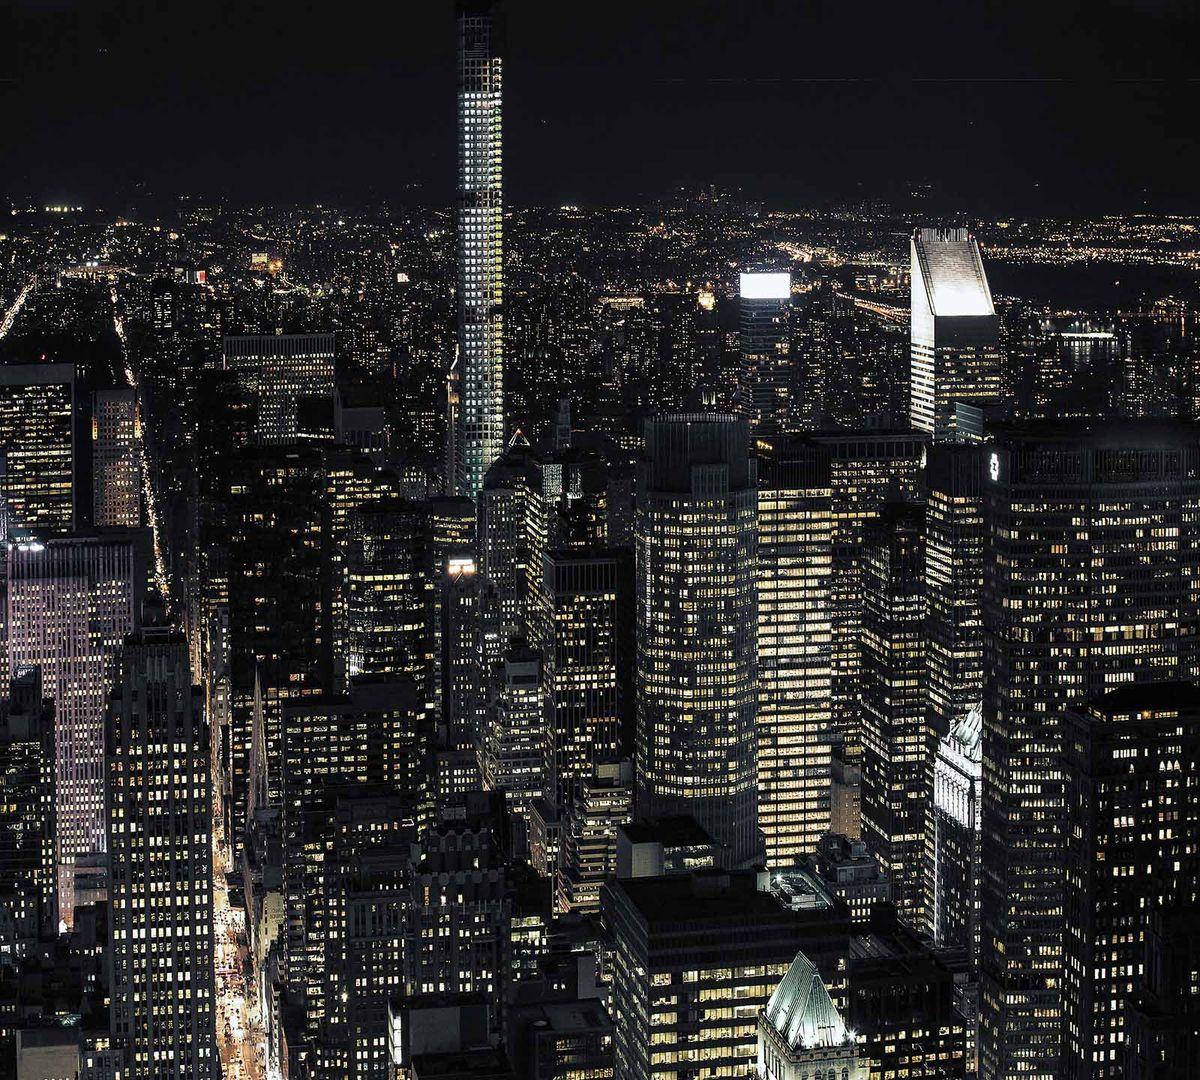 Фотообои Milan Ночные огни, текстурные, 300 х 270 см. M 302